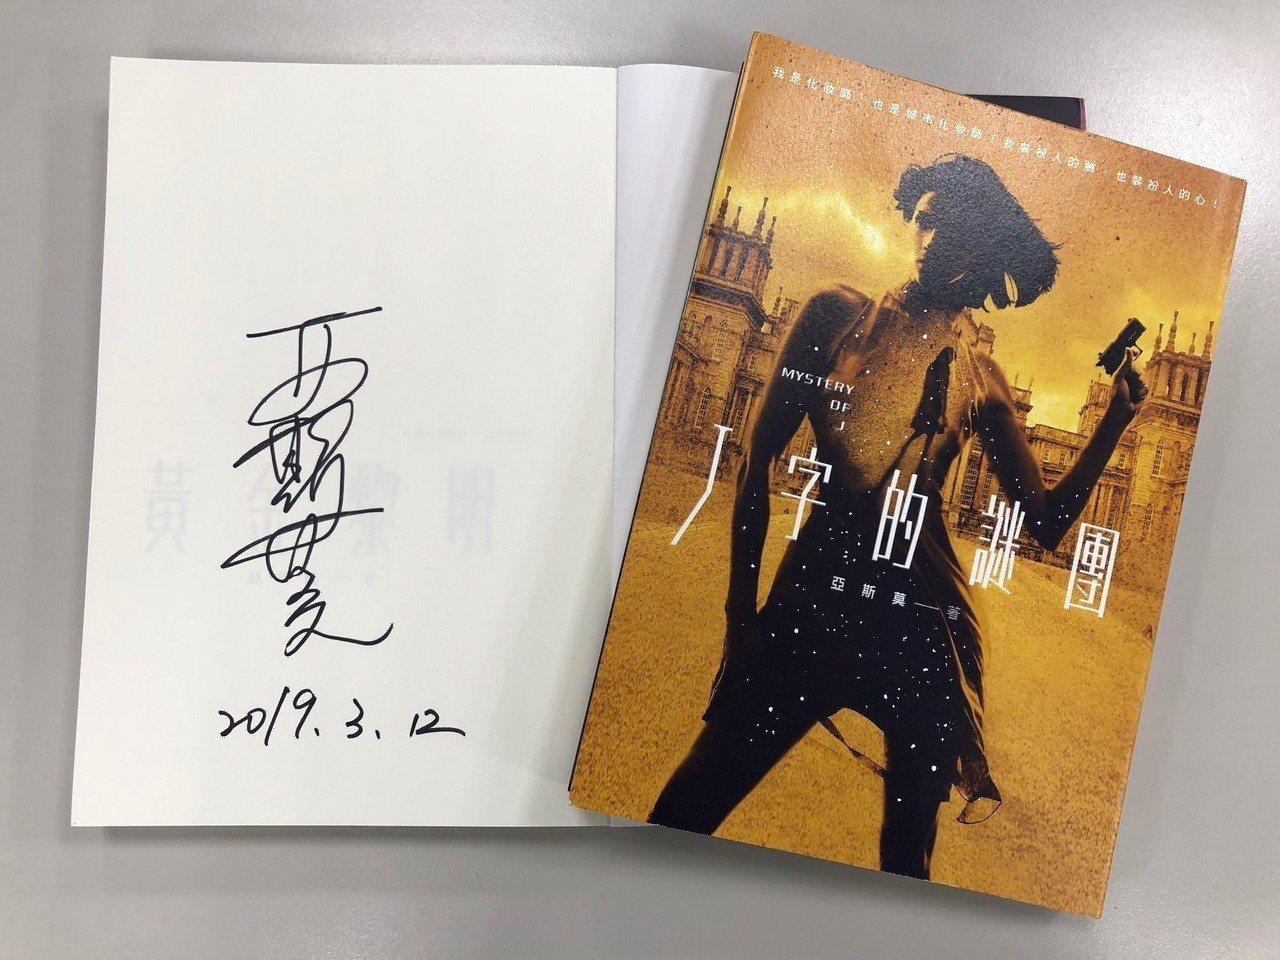 亞斯莫的親筆簽名。(攝影/記者邱凡倩 提供)